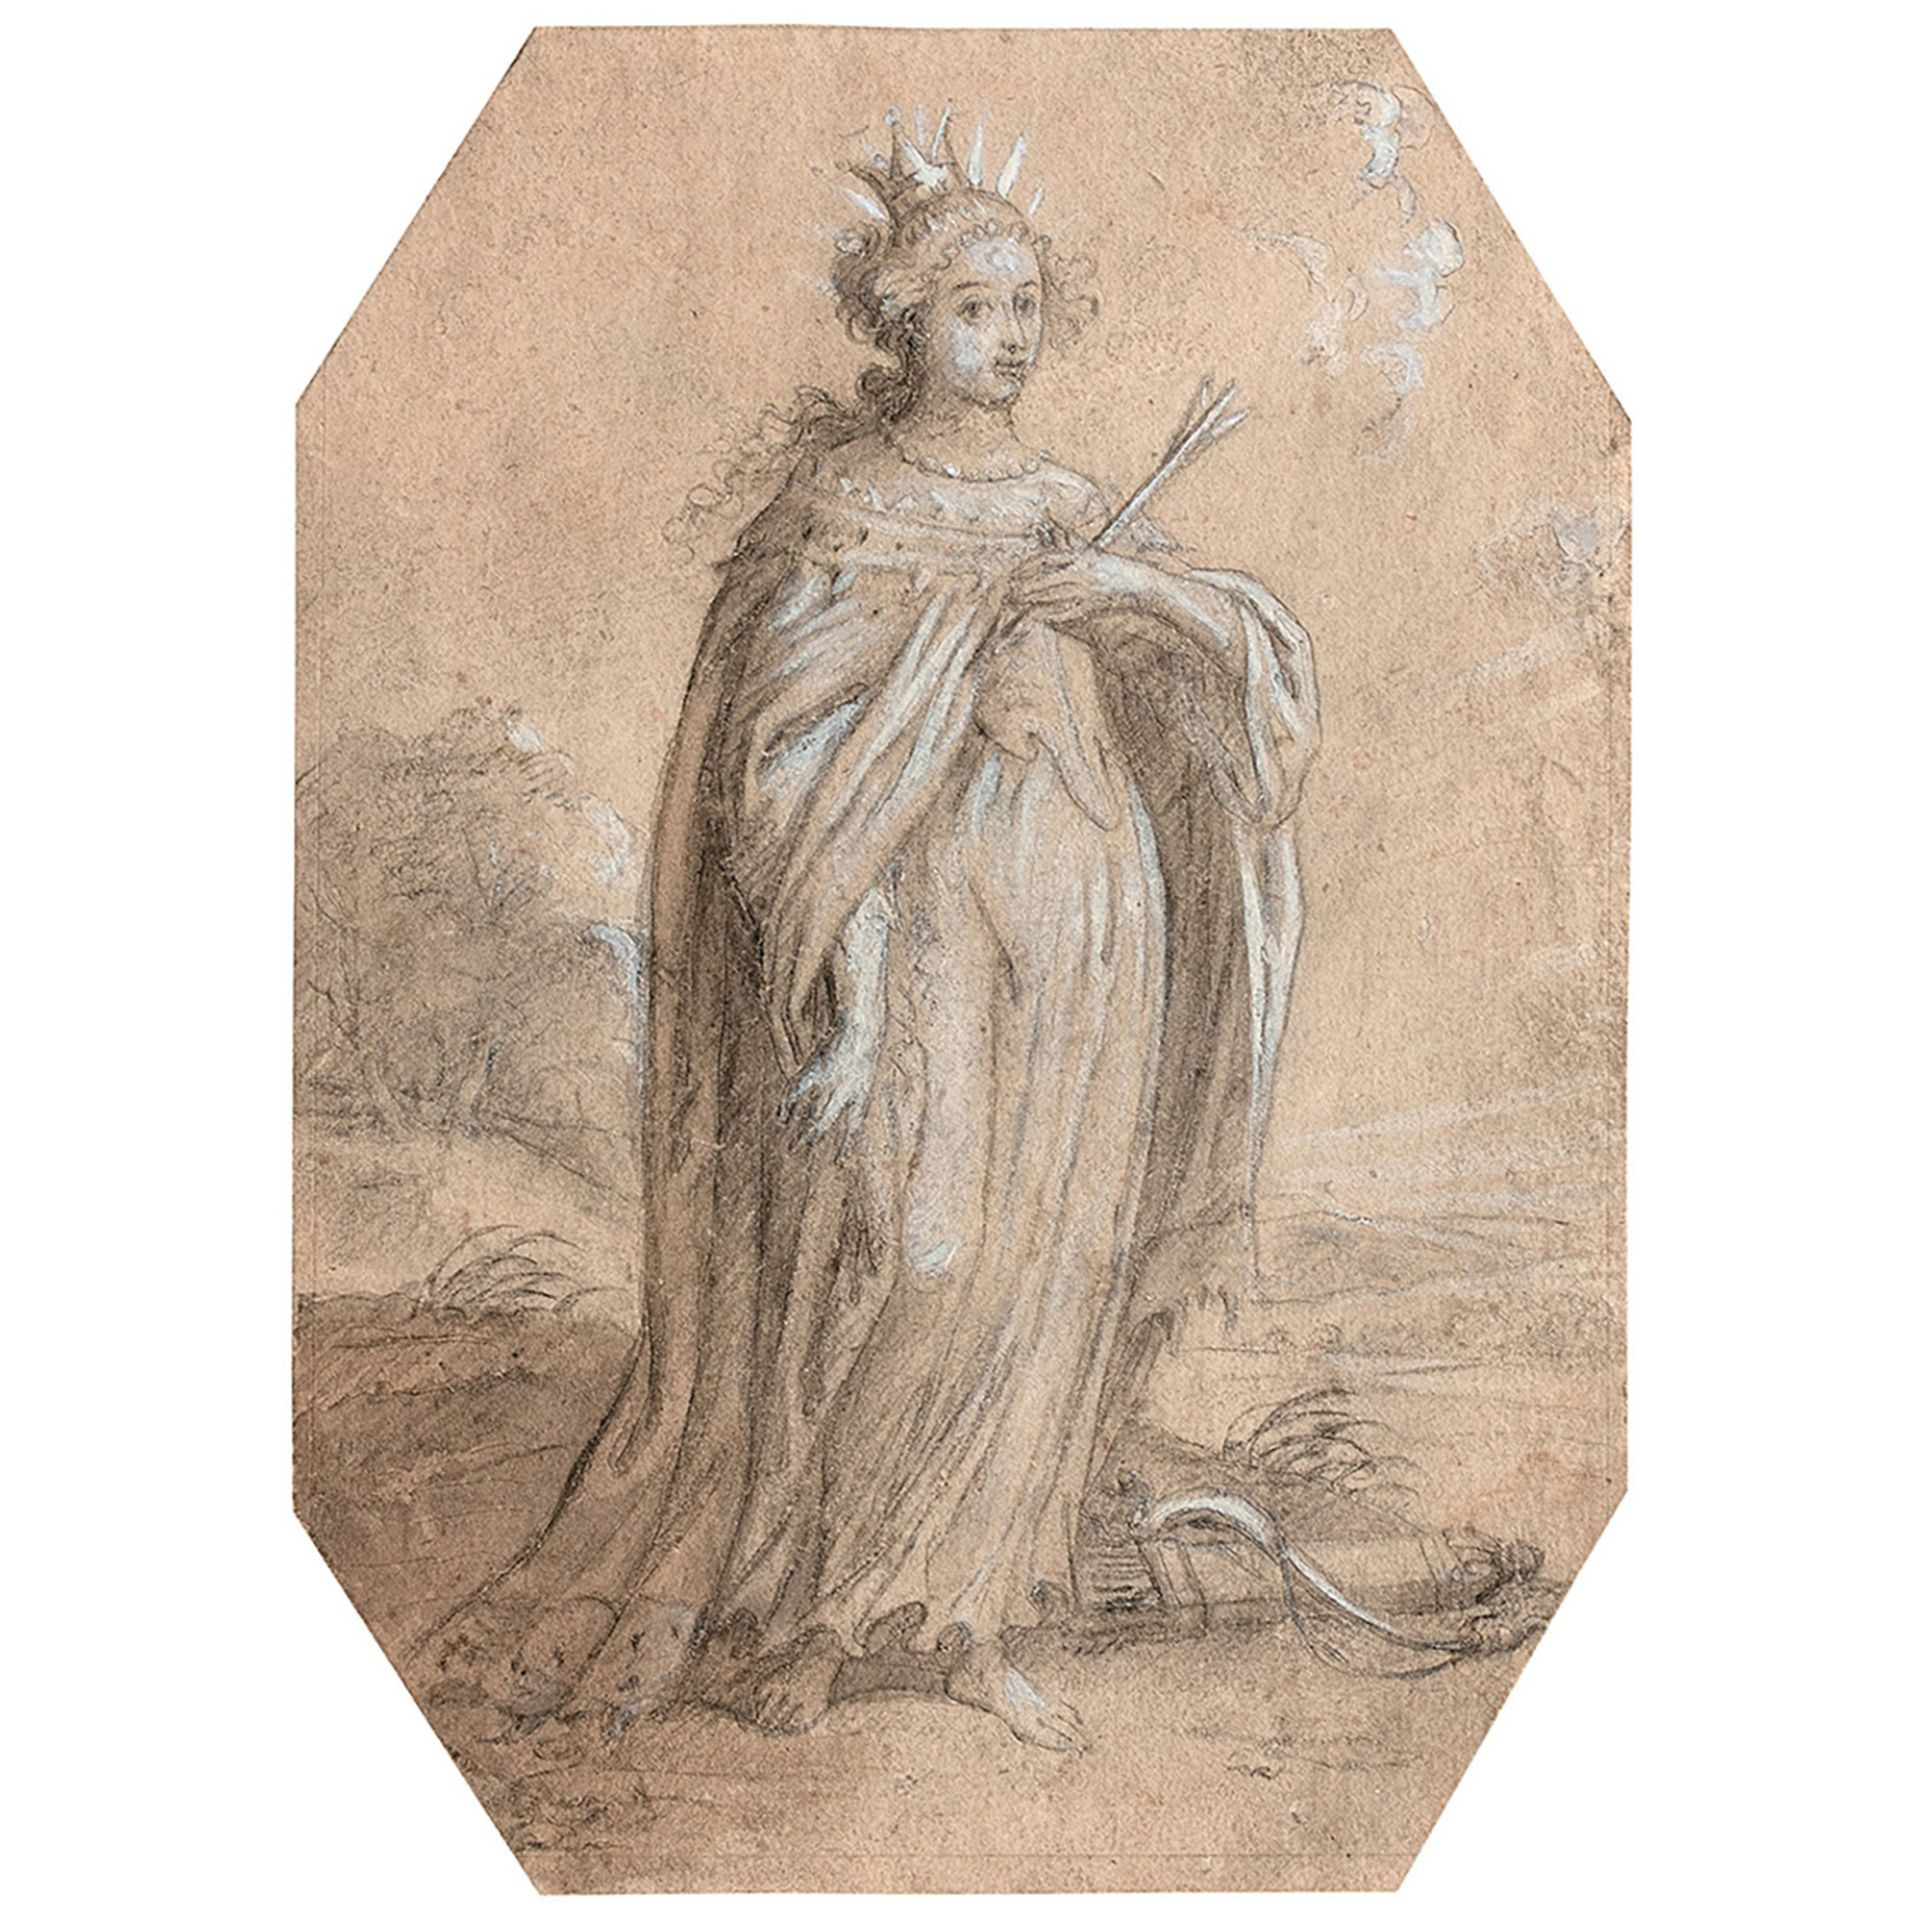 ÉCOLE FLAMANDE DU XVIIe SIÈCLE, ENTOURAGE D'ABRAHAM VAN DIEPENBEECK - Bild 2 aus 3